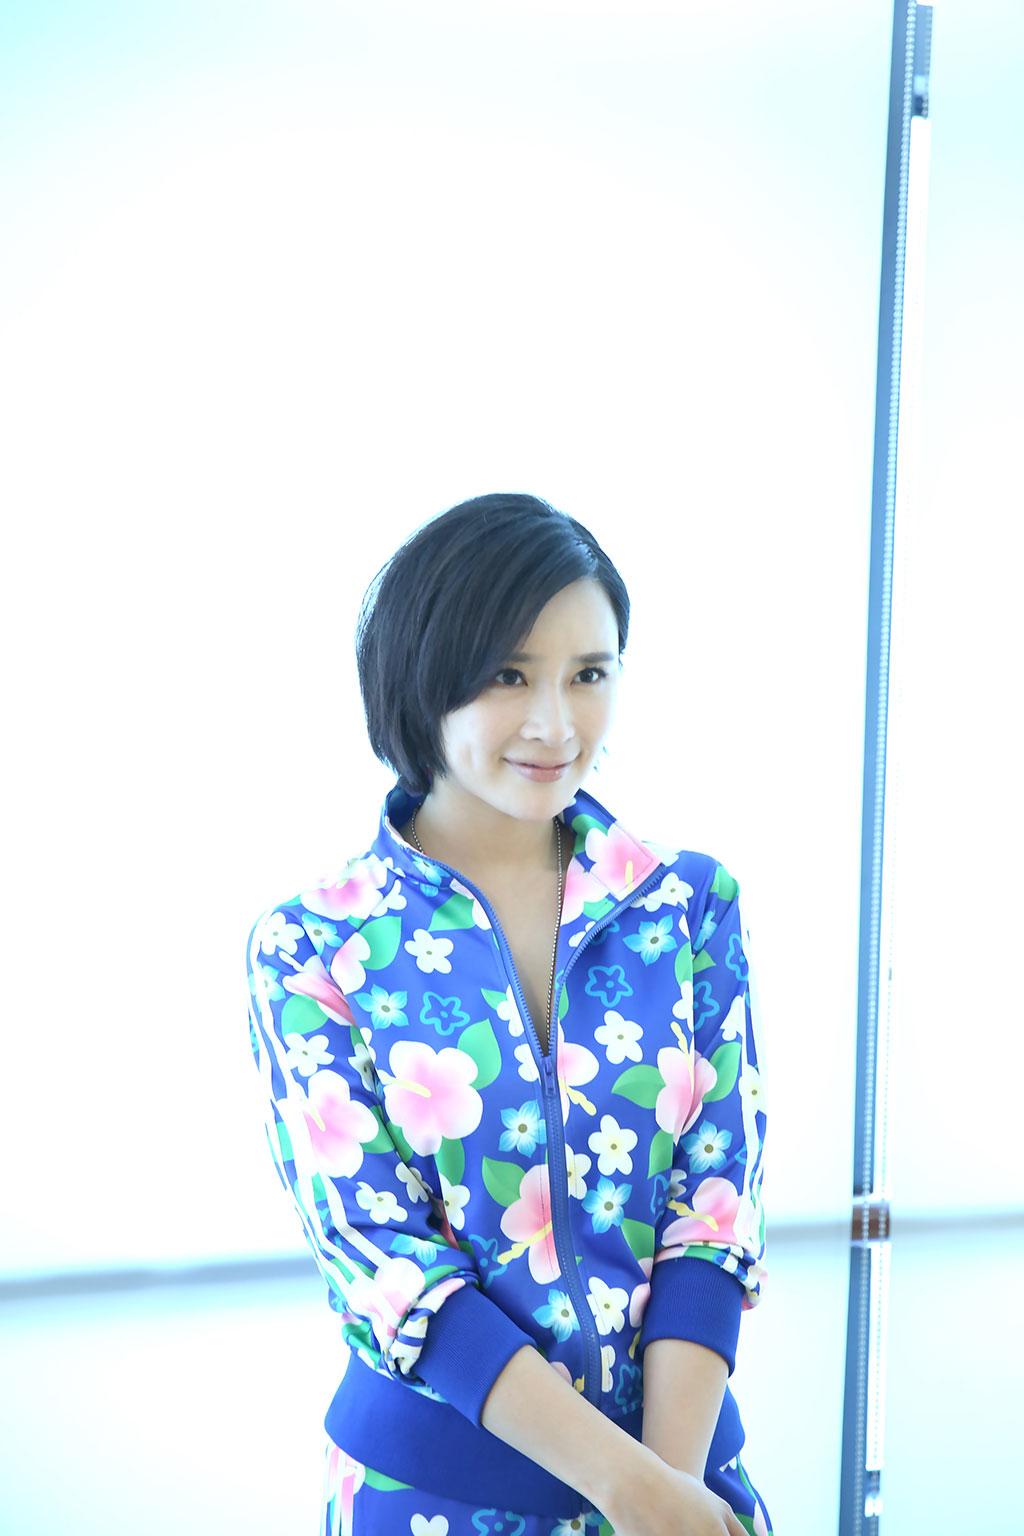 杨舒婷 Shuting Yang的图片